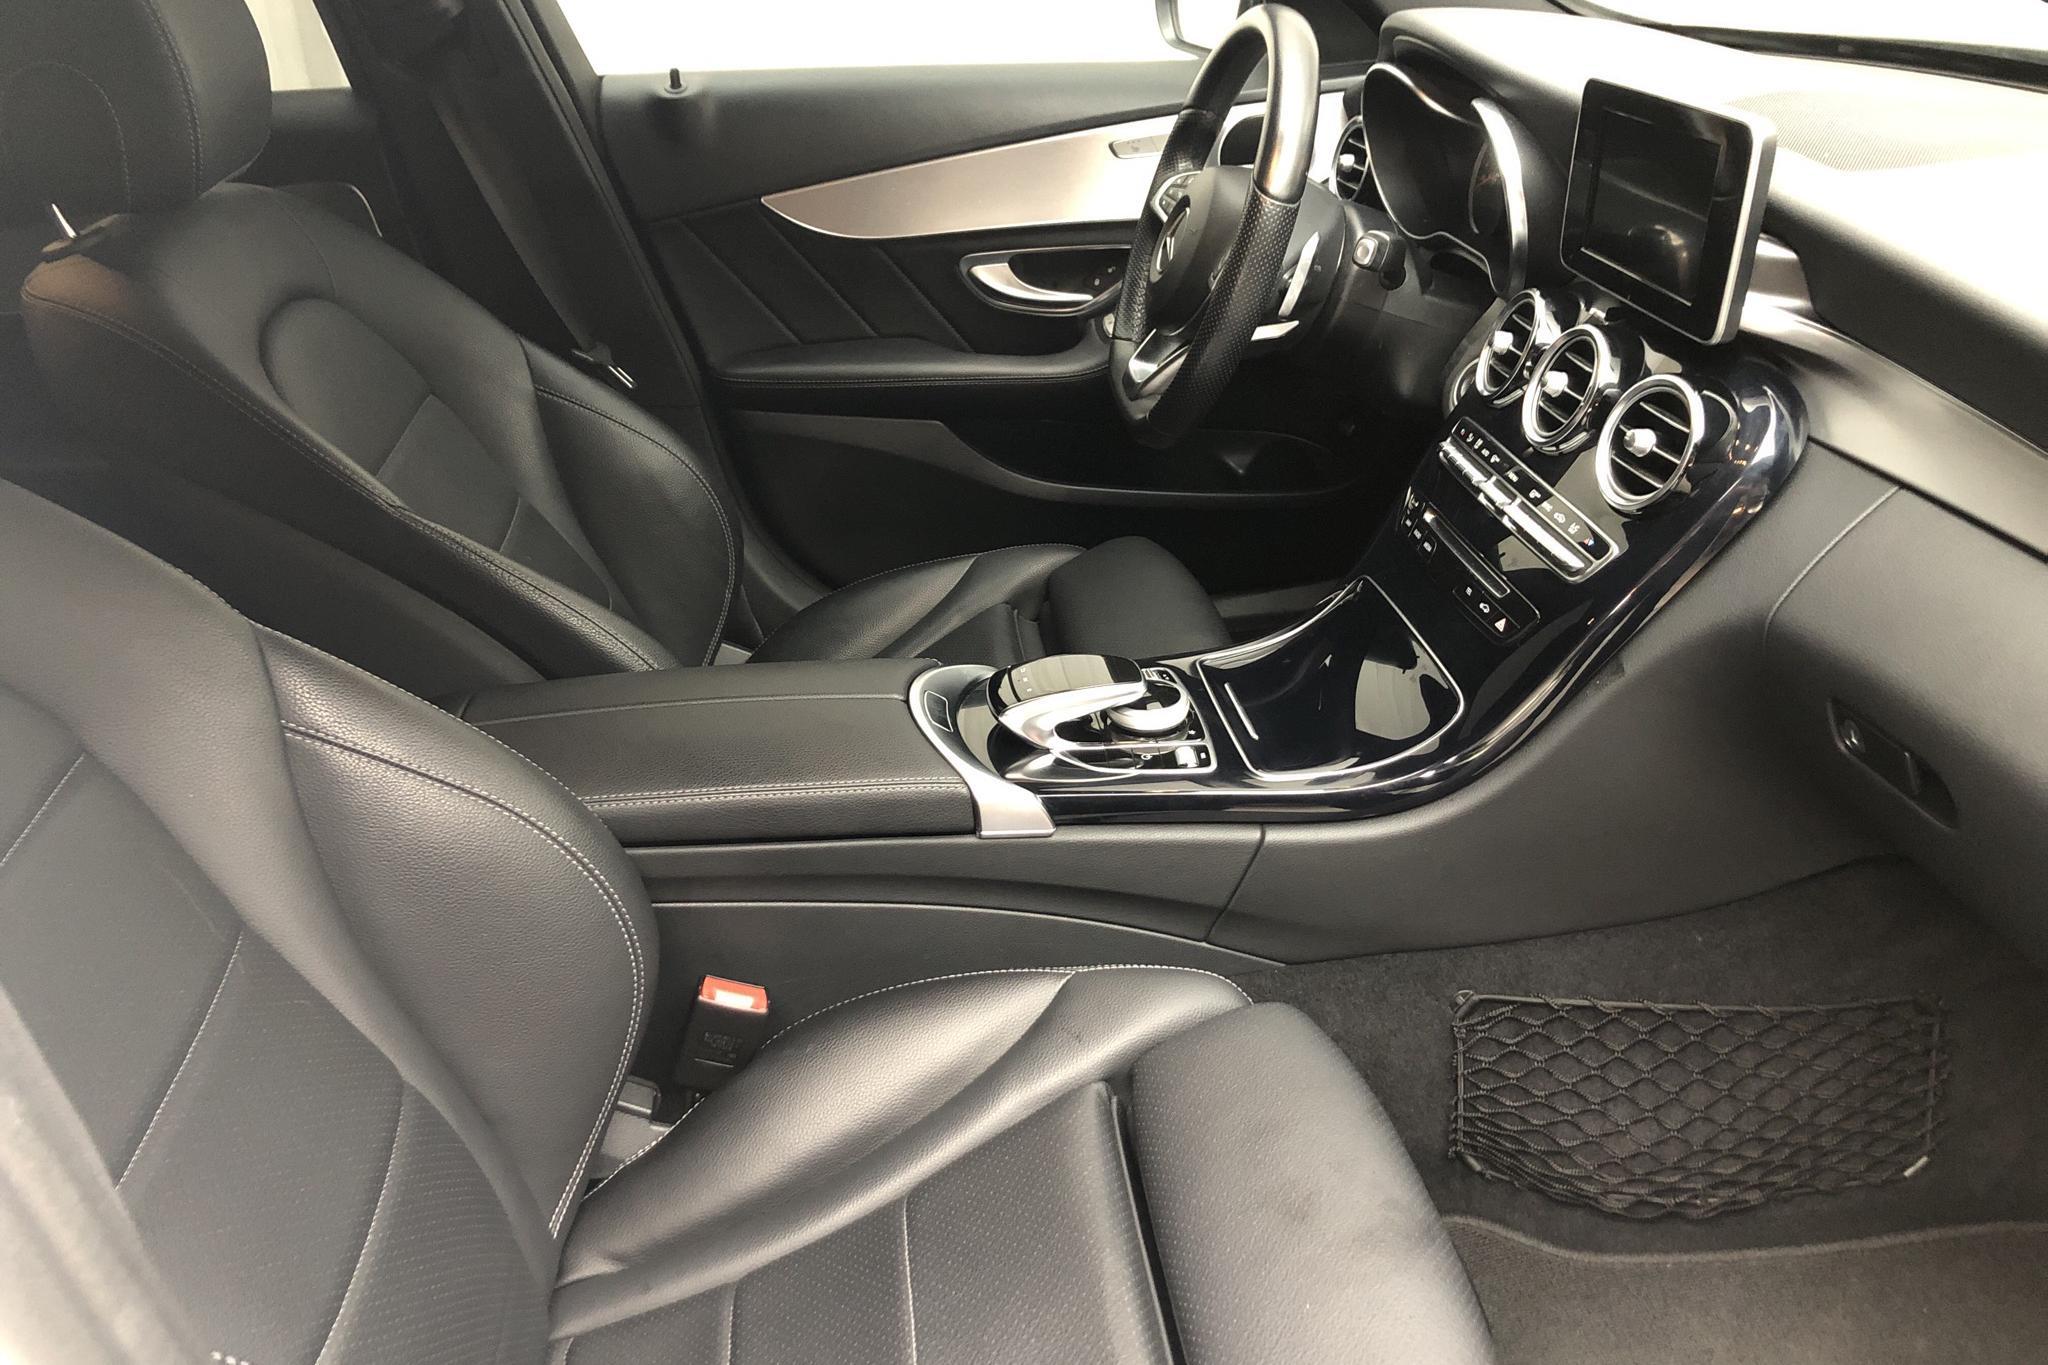 Mercedes C 200 BlueTEC Kombi S205 (136hk) - 14 621 mil - Automat - vit - 2017